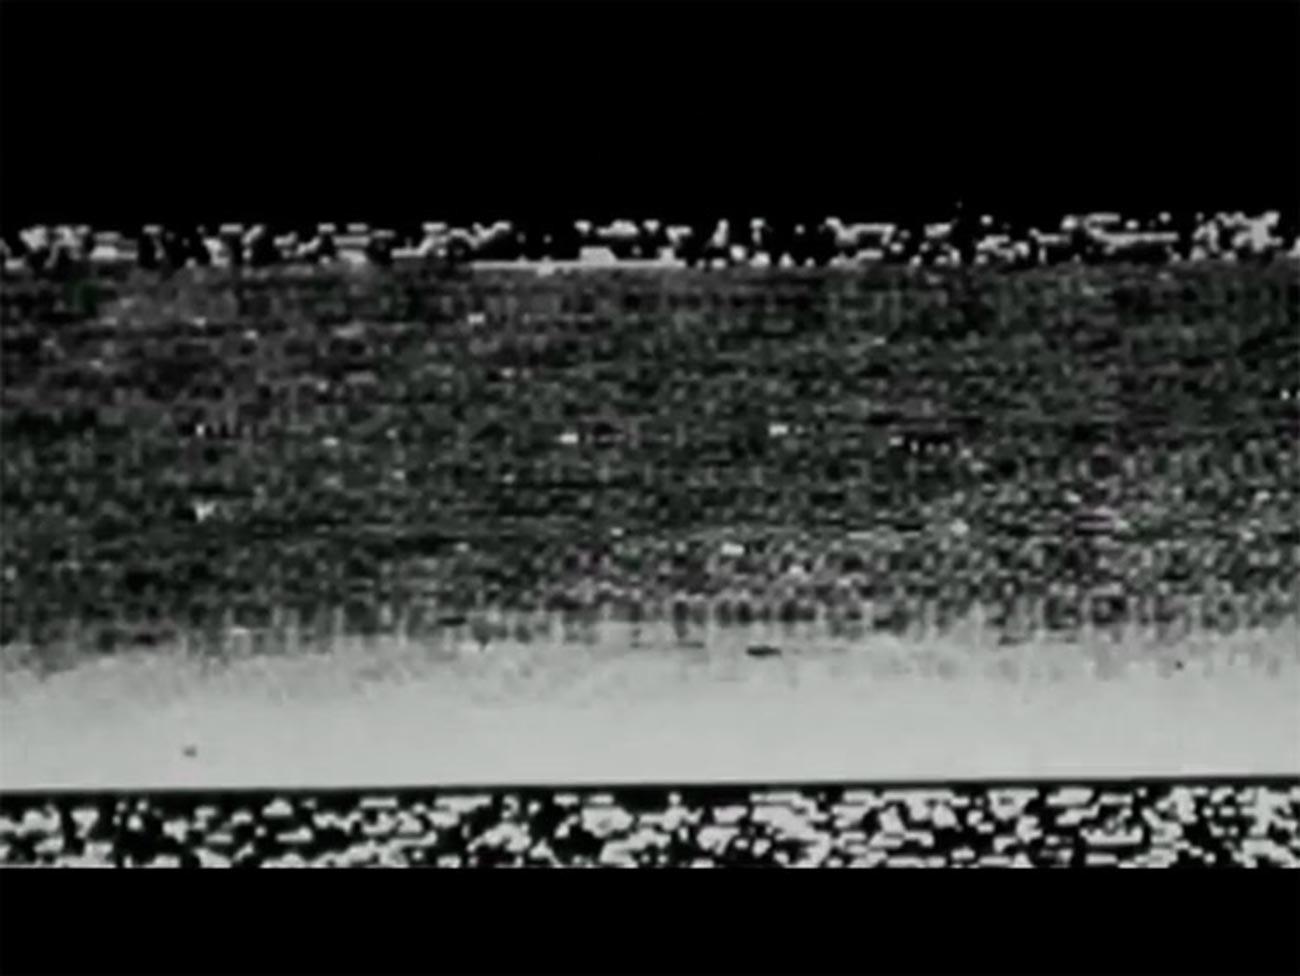 Первый снимок с поверхности Марса в истории.